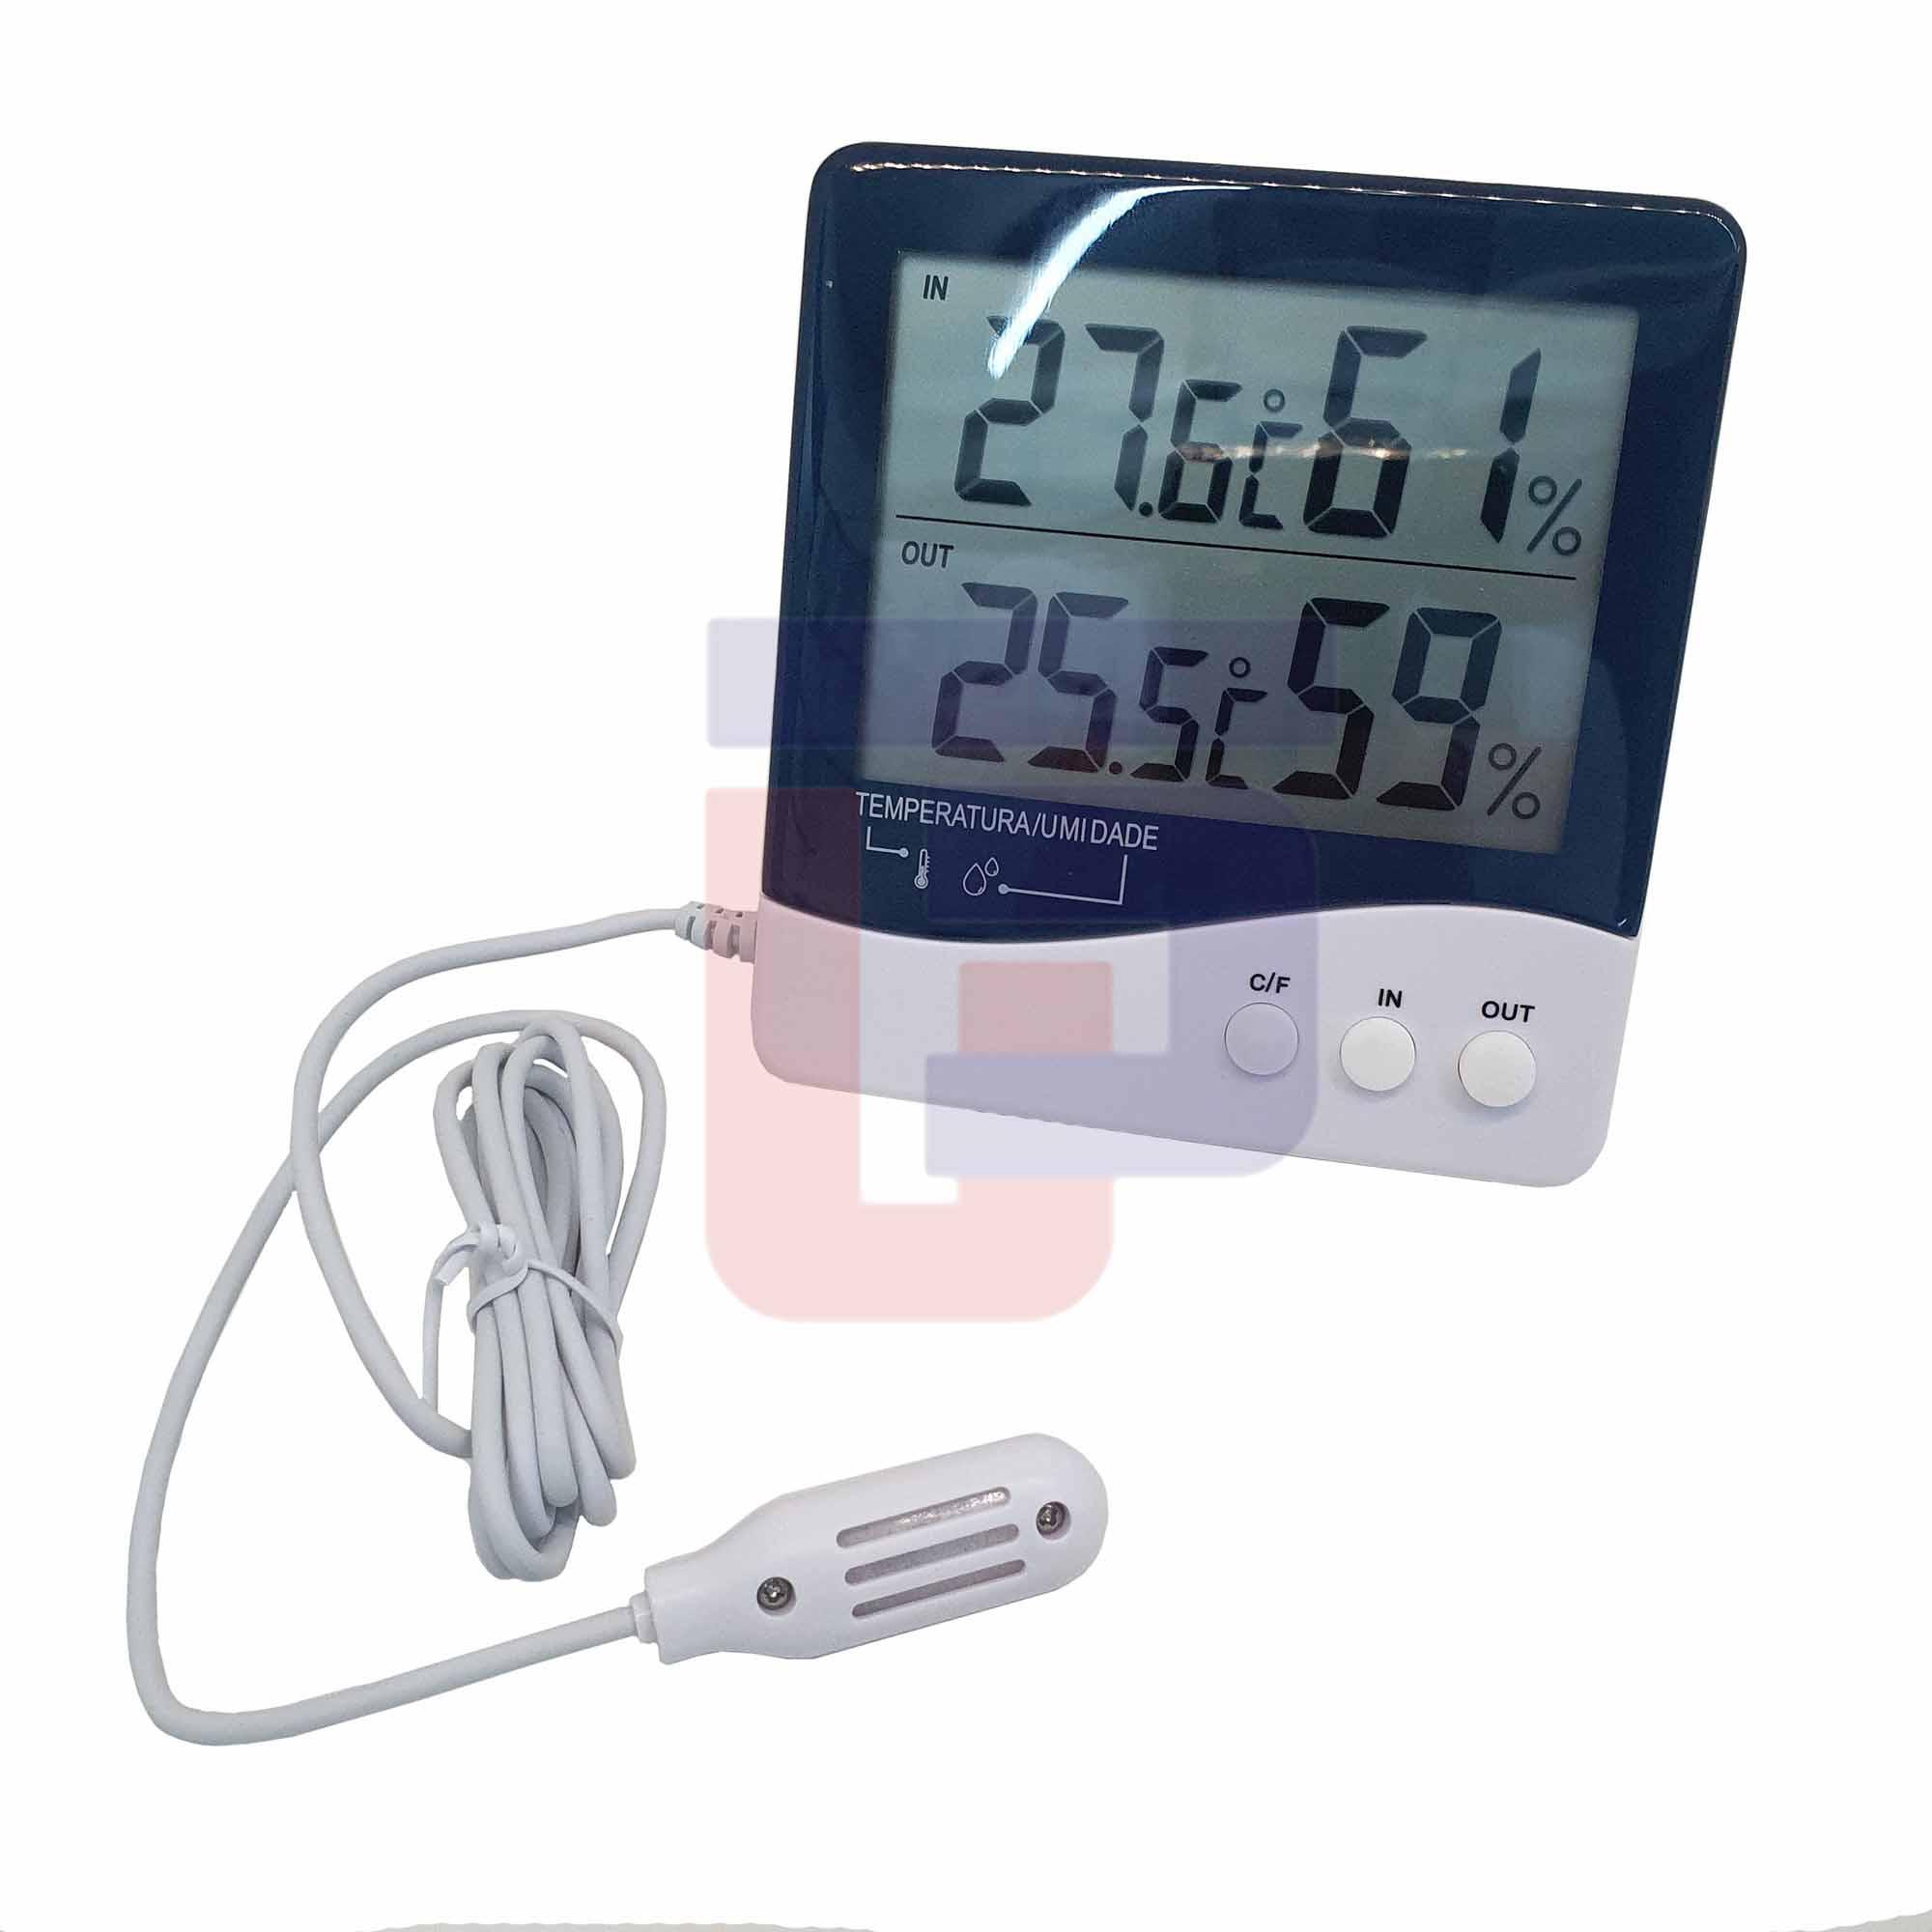 Termo-Higrômetro Digital Temperatura e Umidade Interna e Externa Incoterm